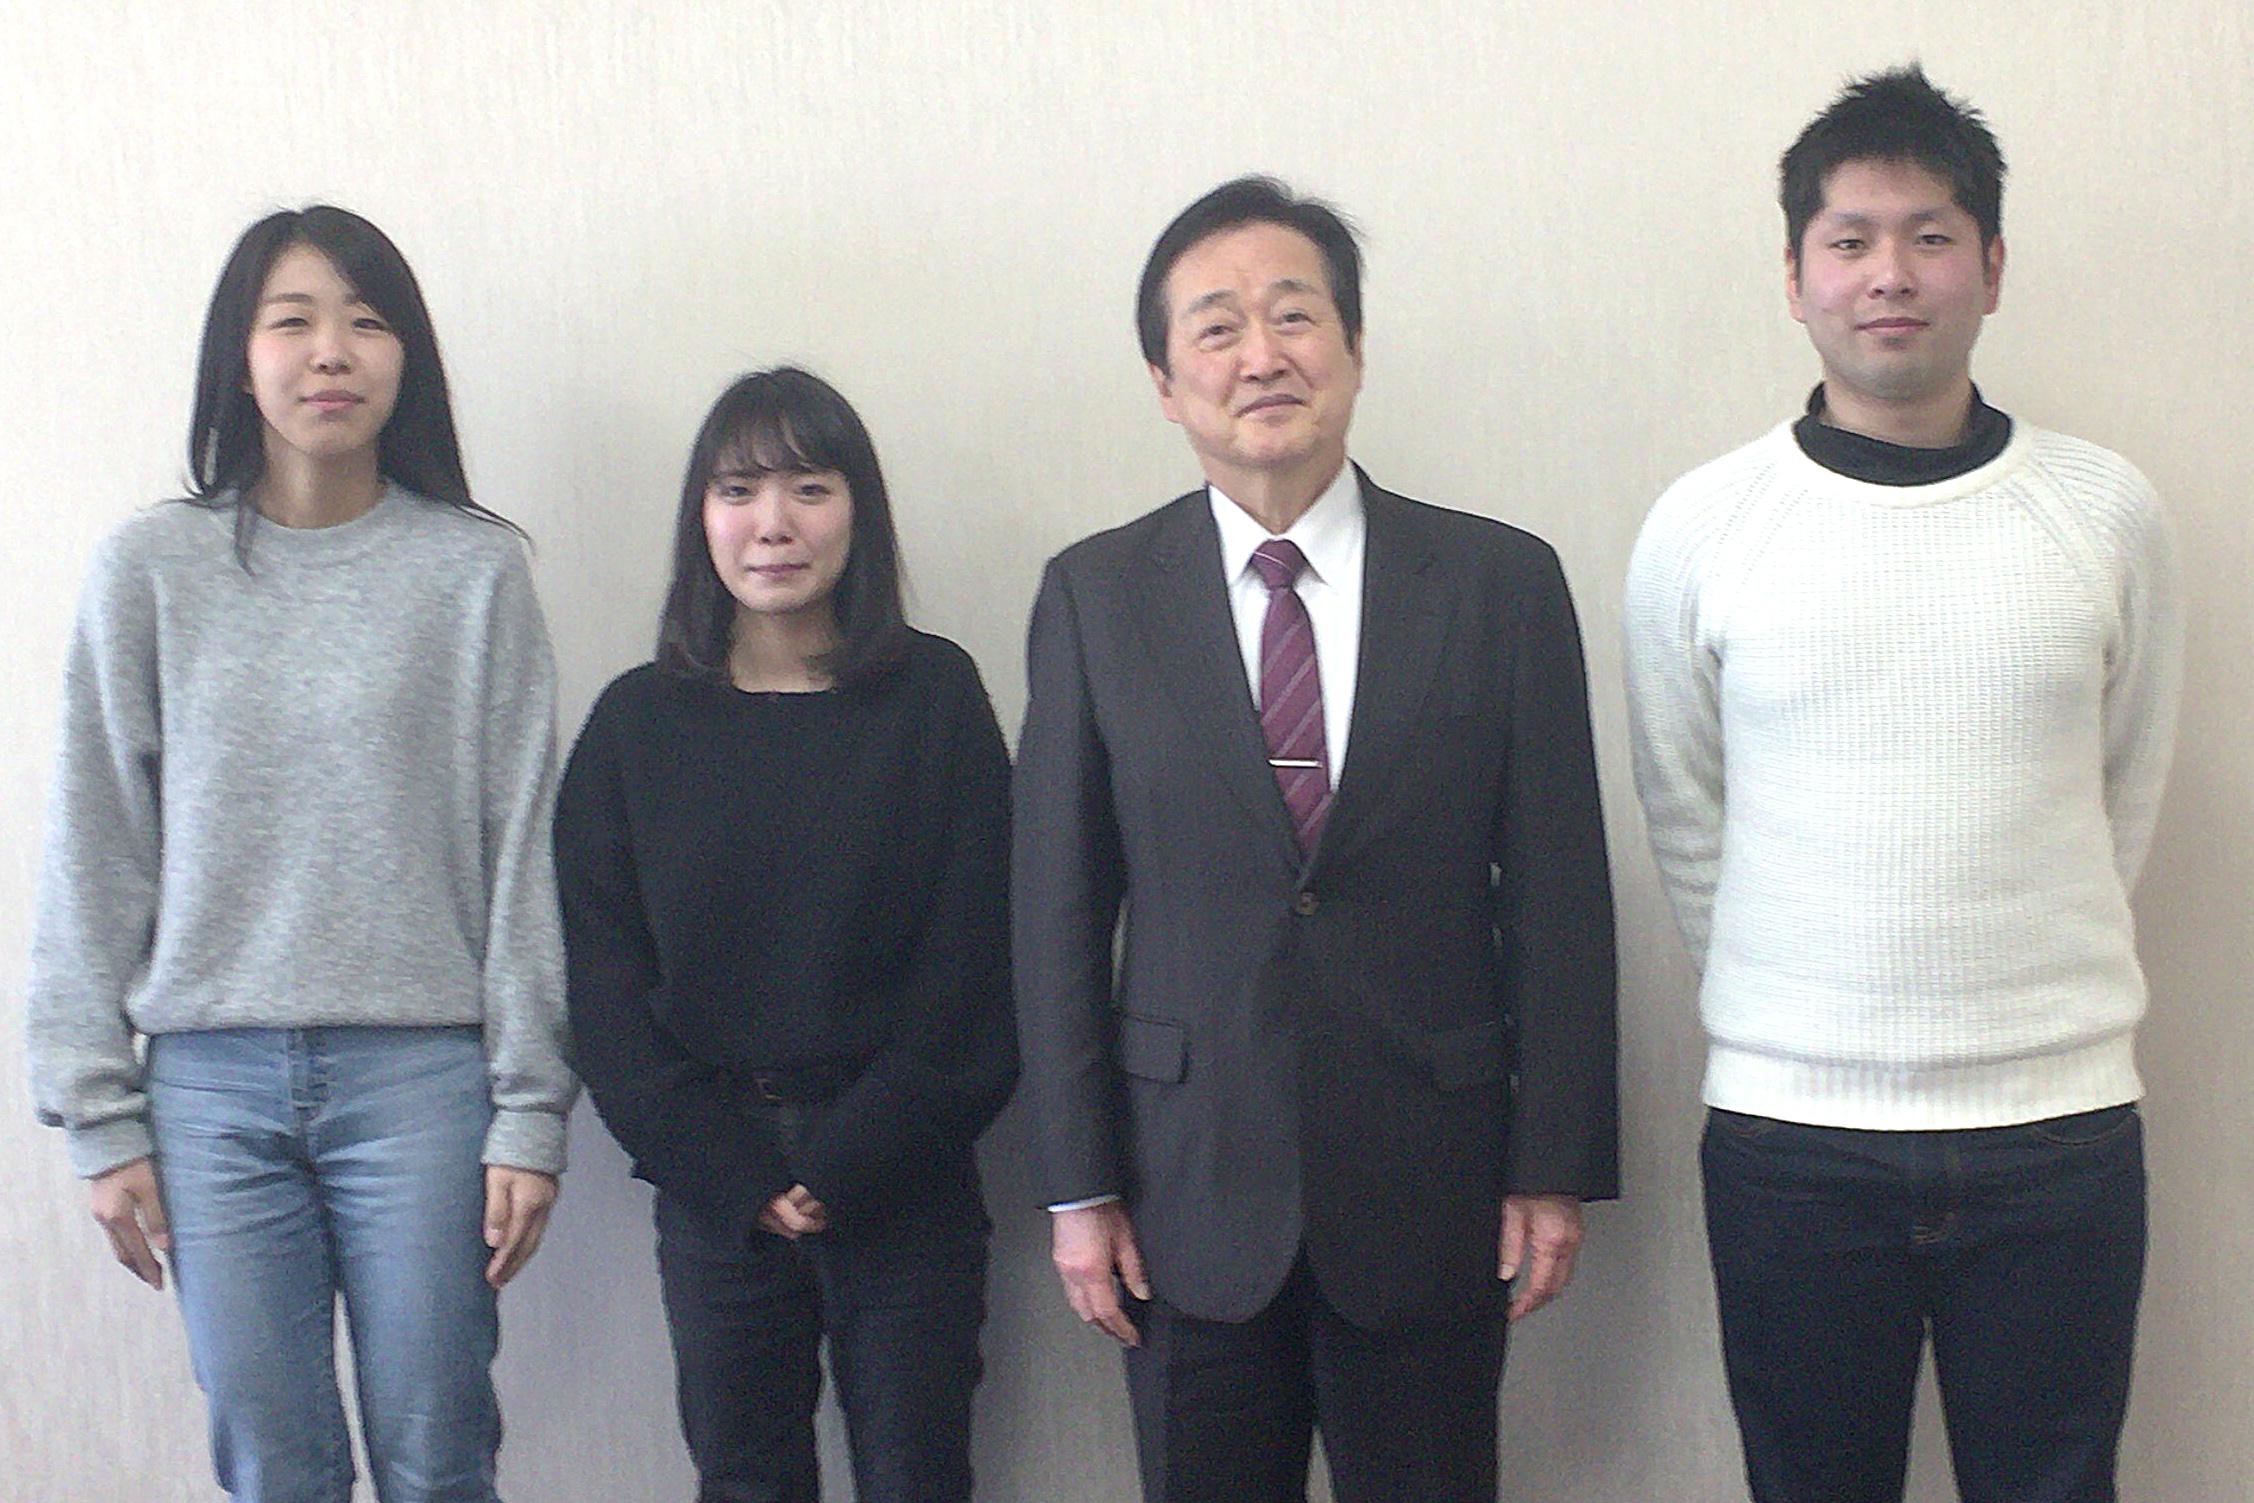 和泉フロントランナーを手掛けた教授と学生ら